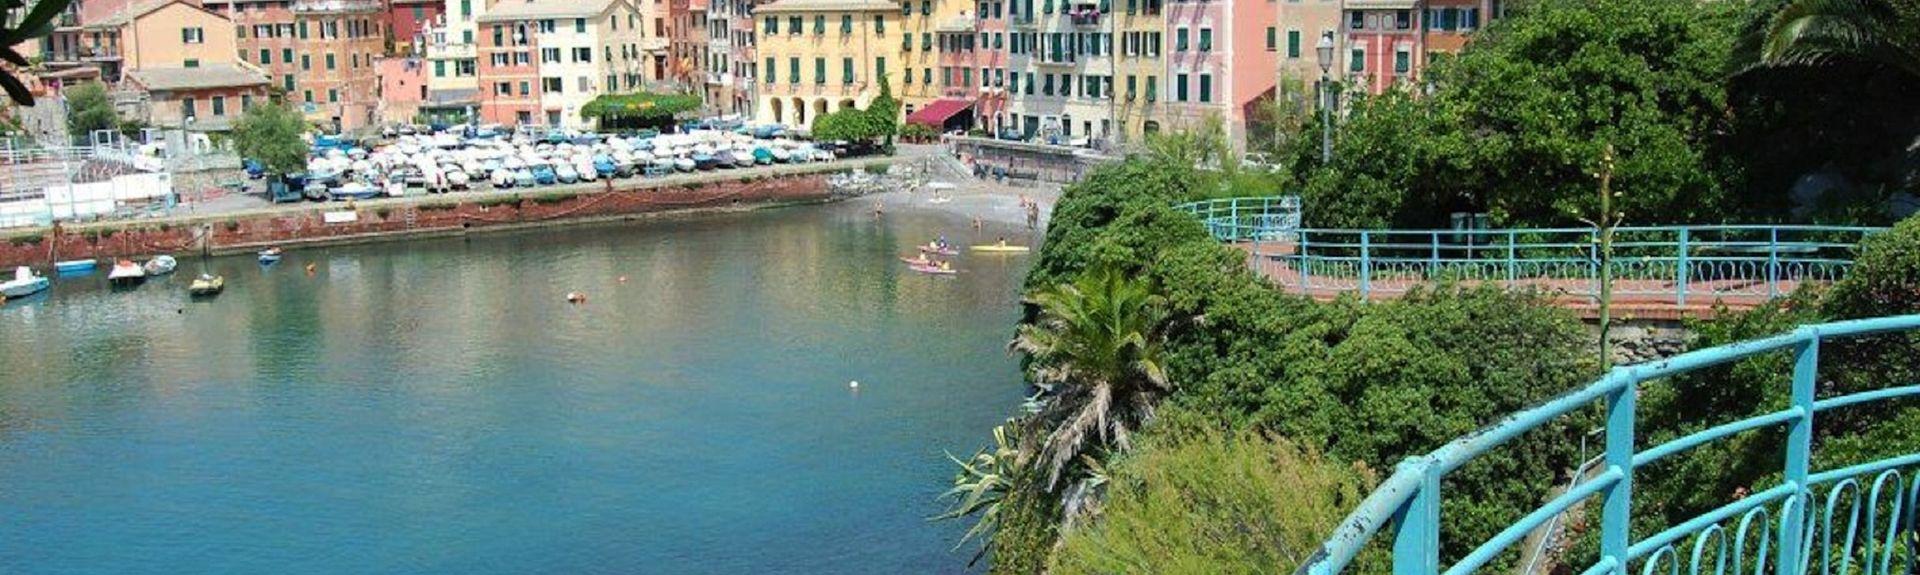 Nervi, Genova, Liguria, Italia